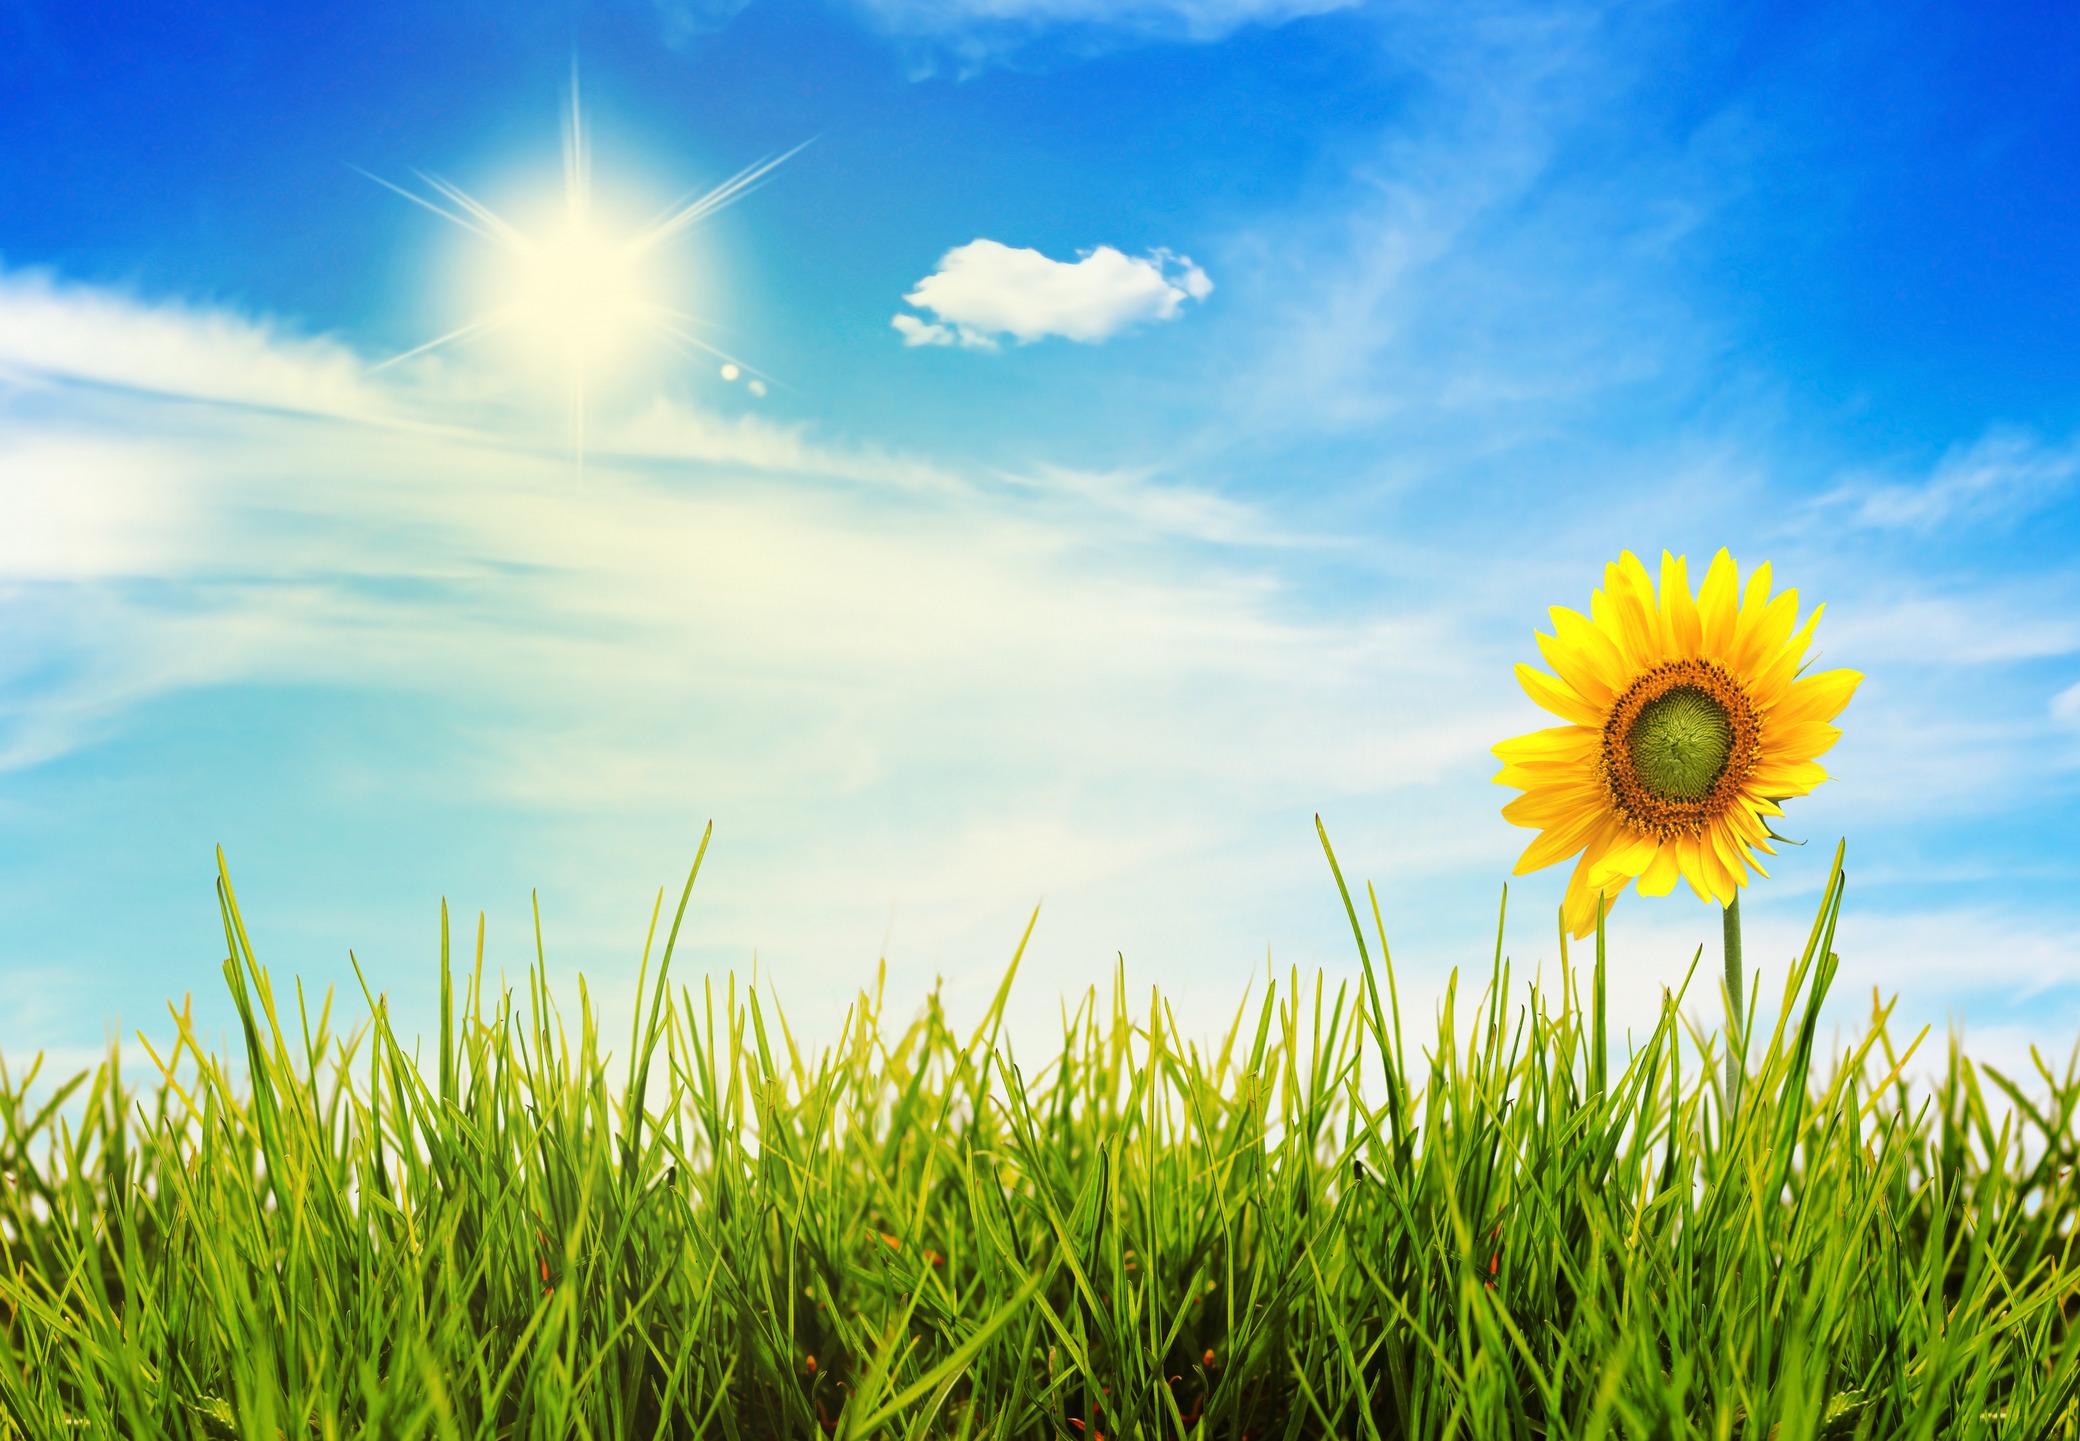 яркие солнечные картинки на рабочий стол комнаты благодаря большому